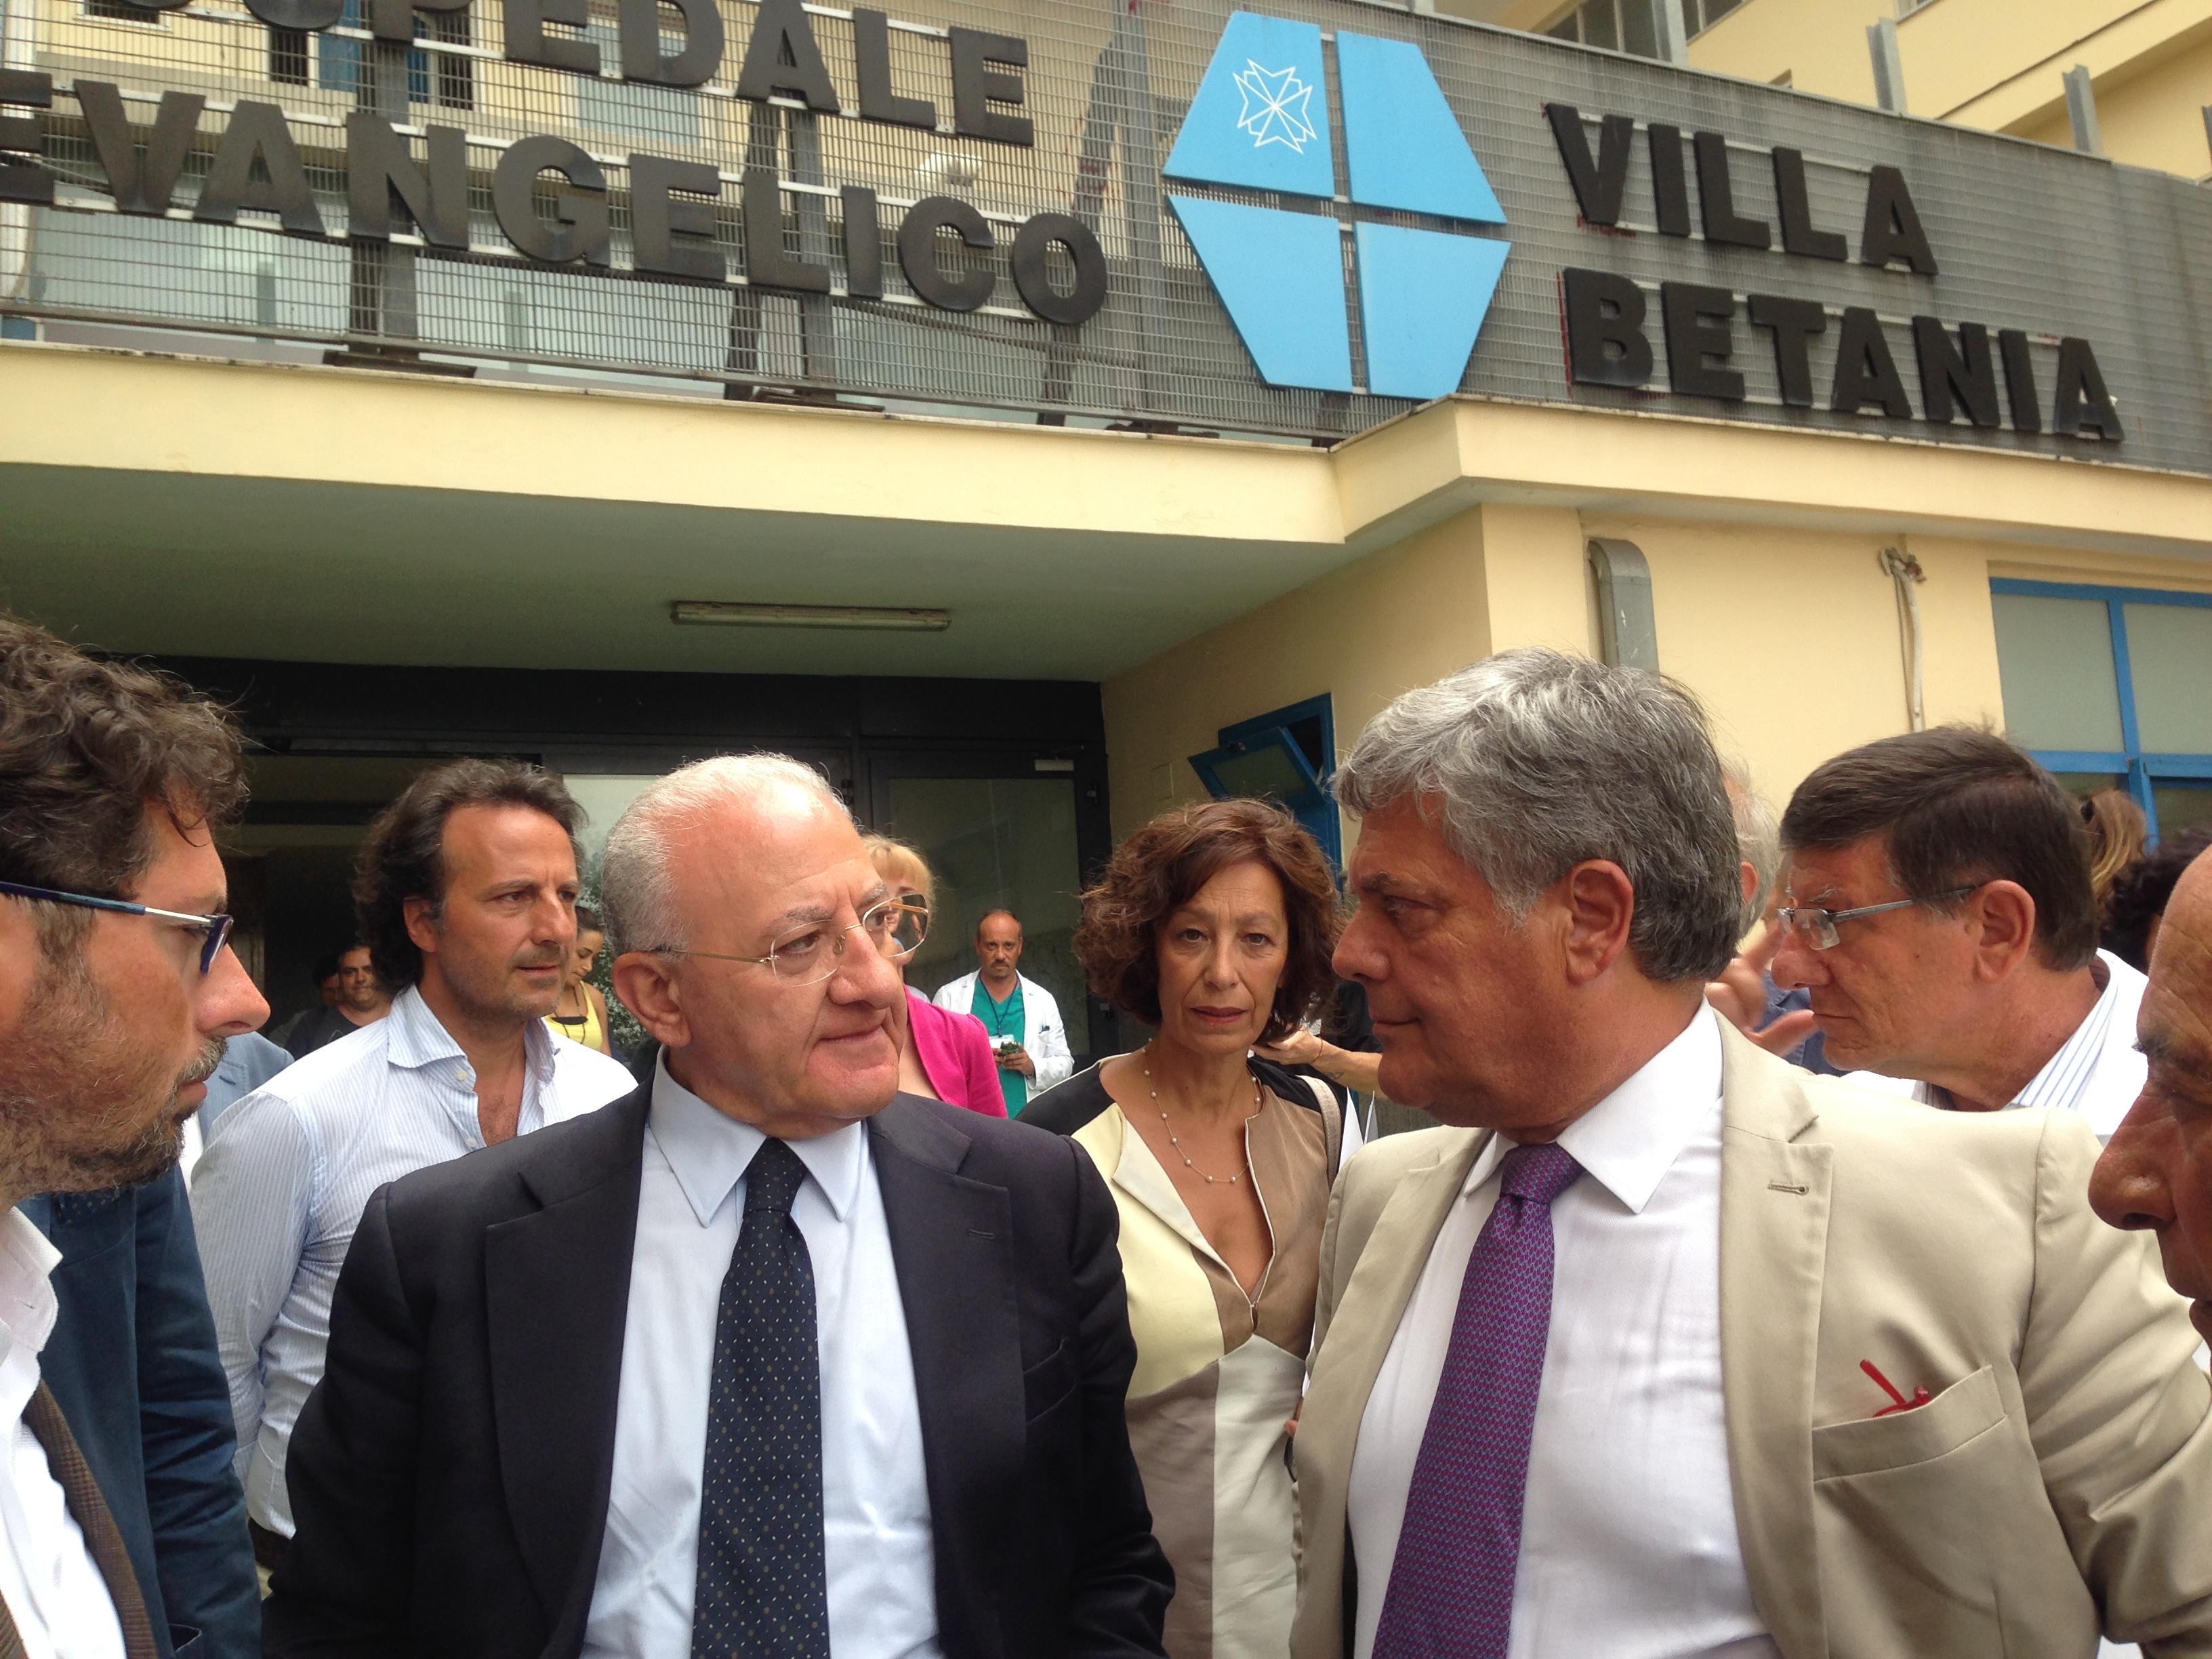 Intervista a Luciano Cirica sul Corriere del Mezzogiorno